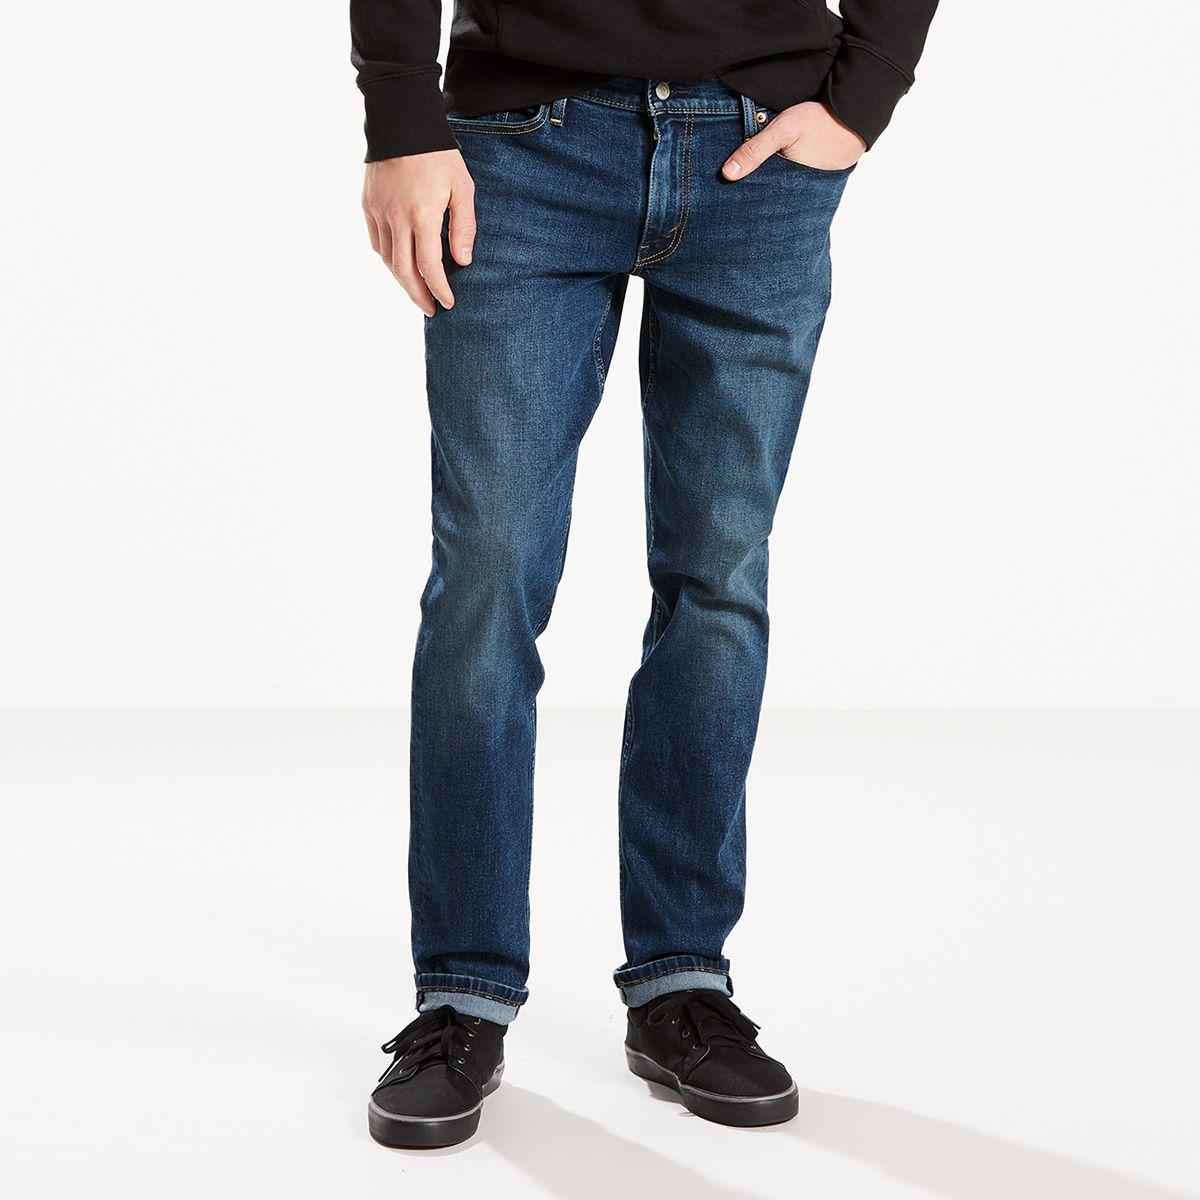 5062da48ceb Levis Jeans for Men - Macy s